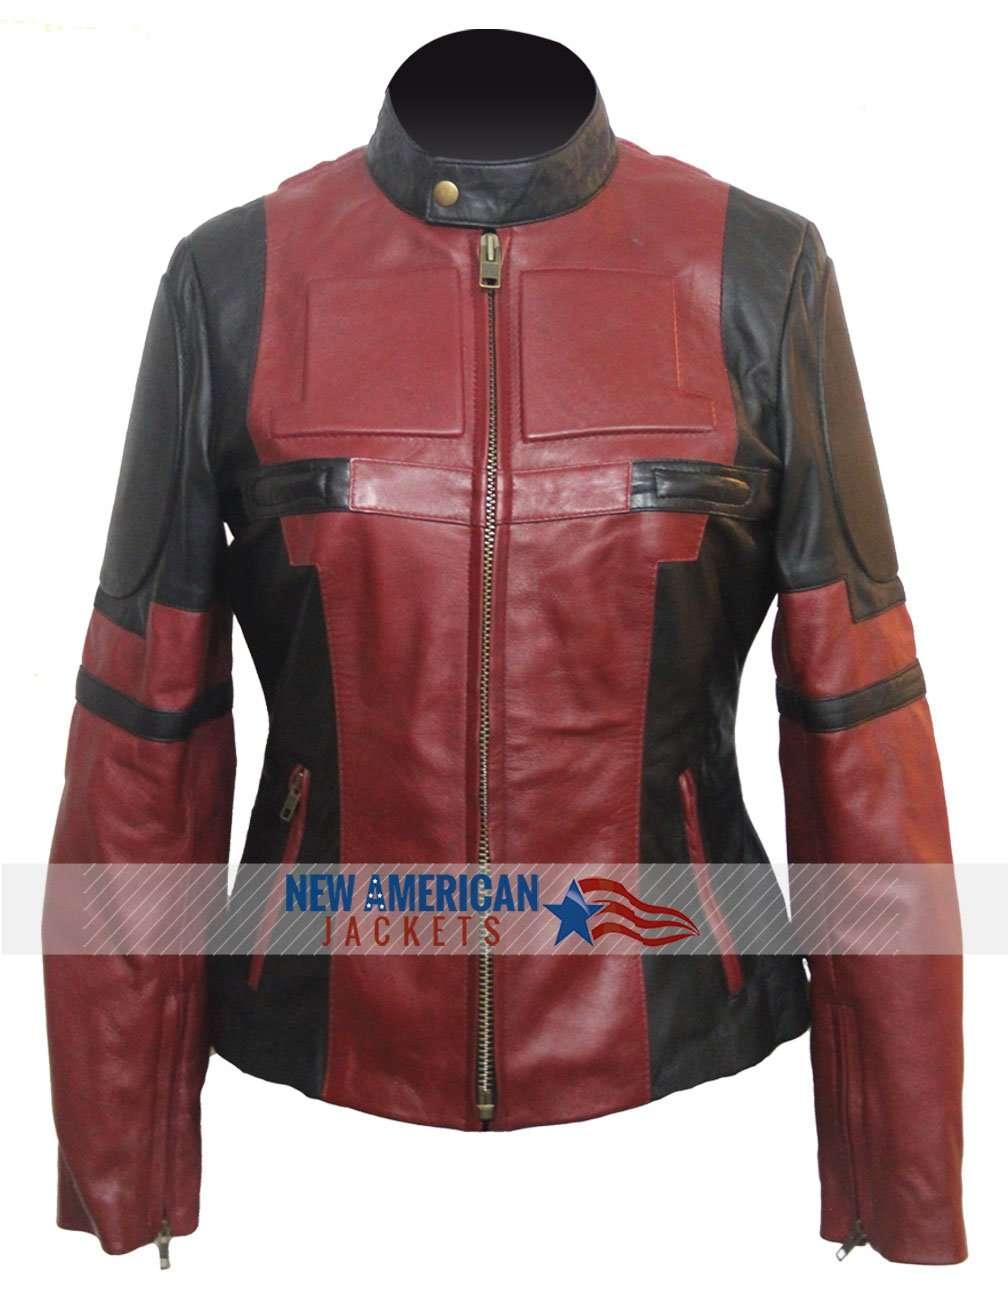 Ladies deadpool leather jacket